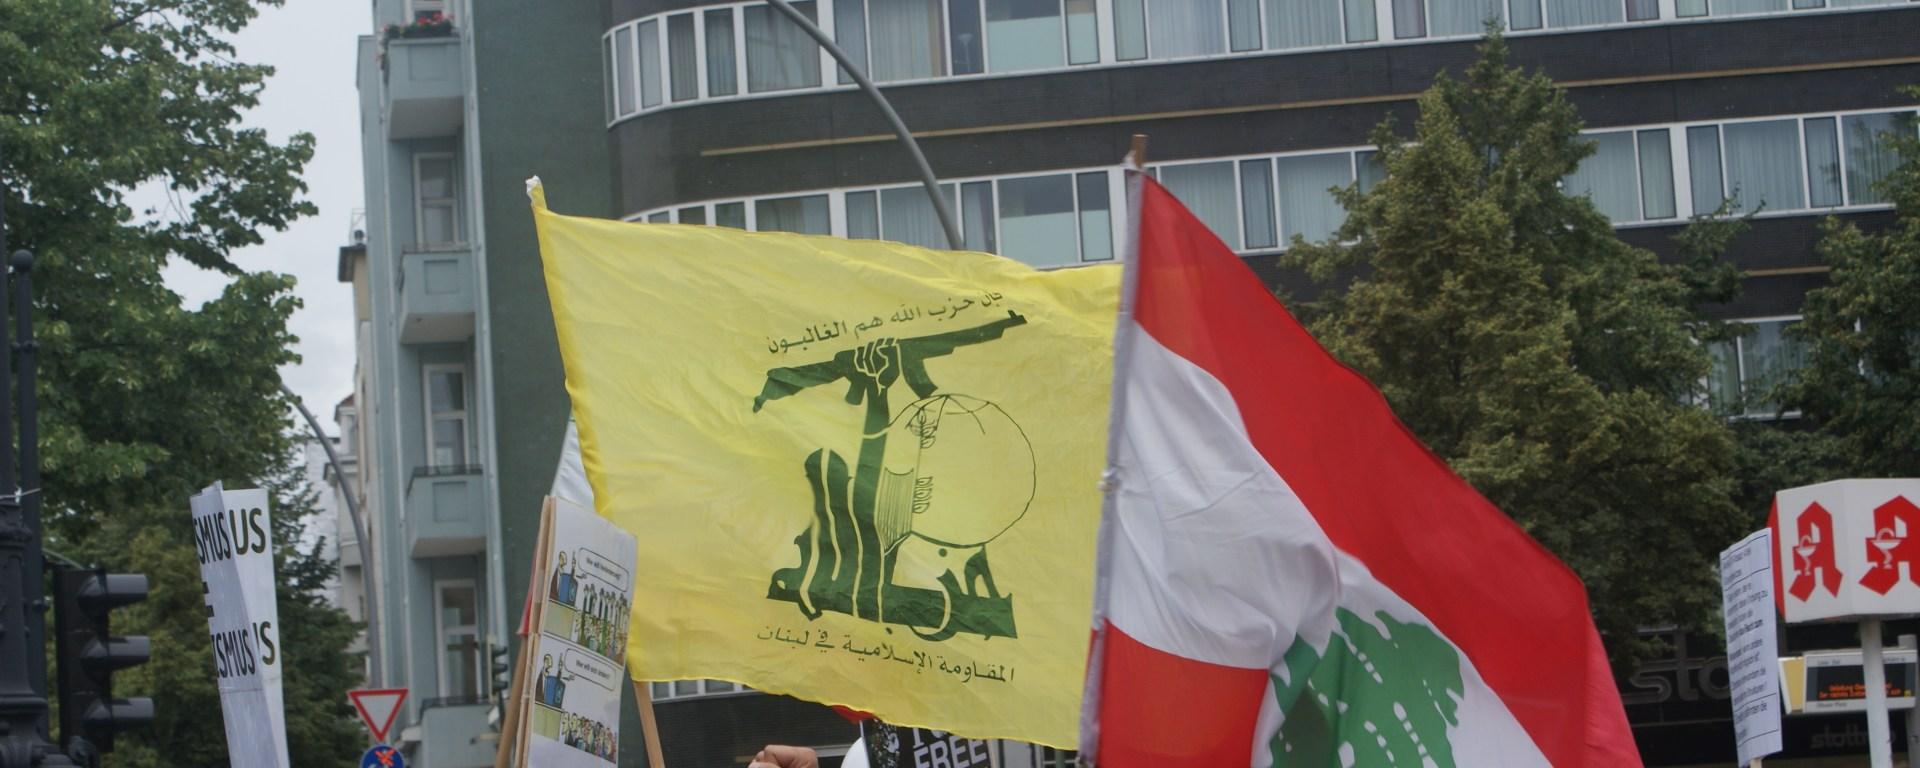 Diese Hezbollah-Flagge